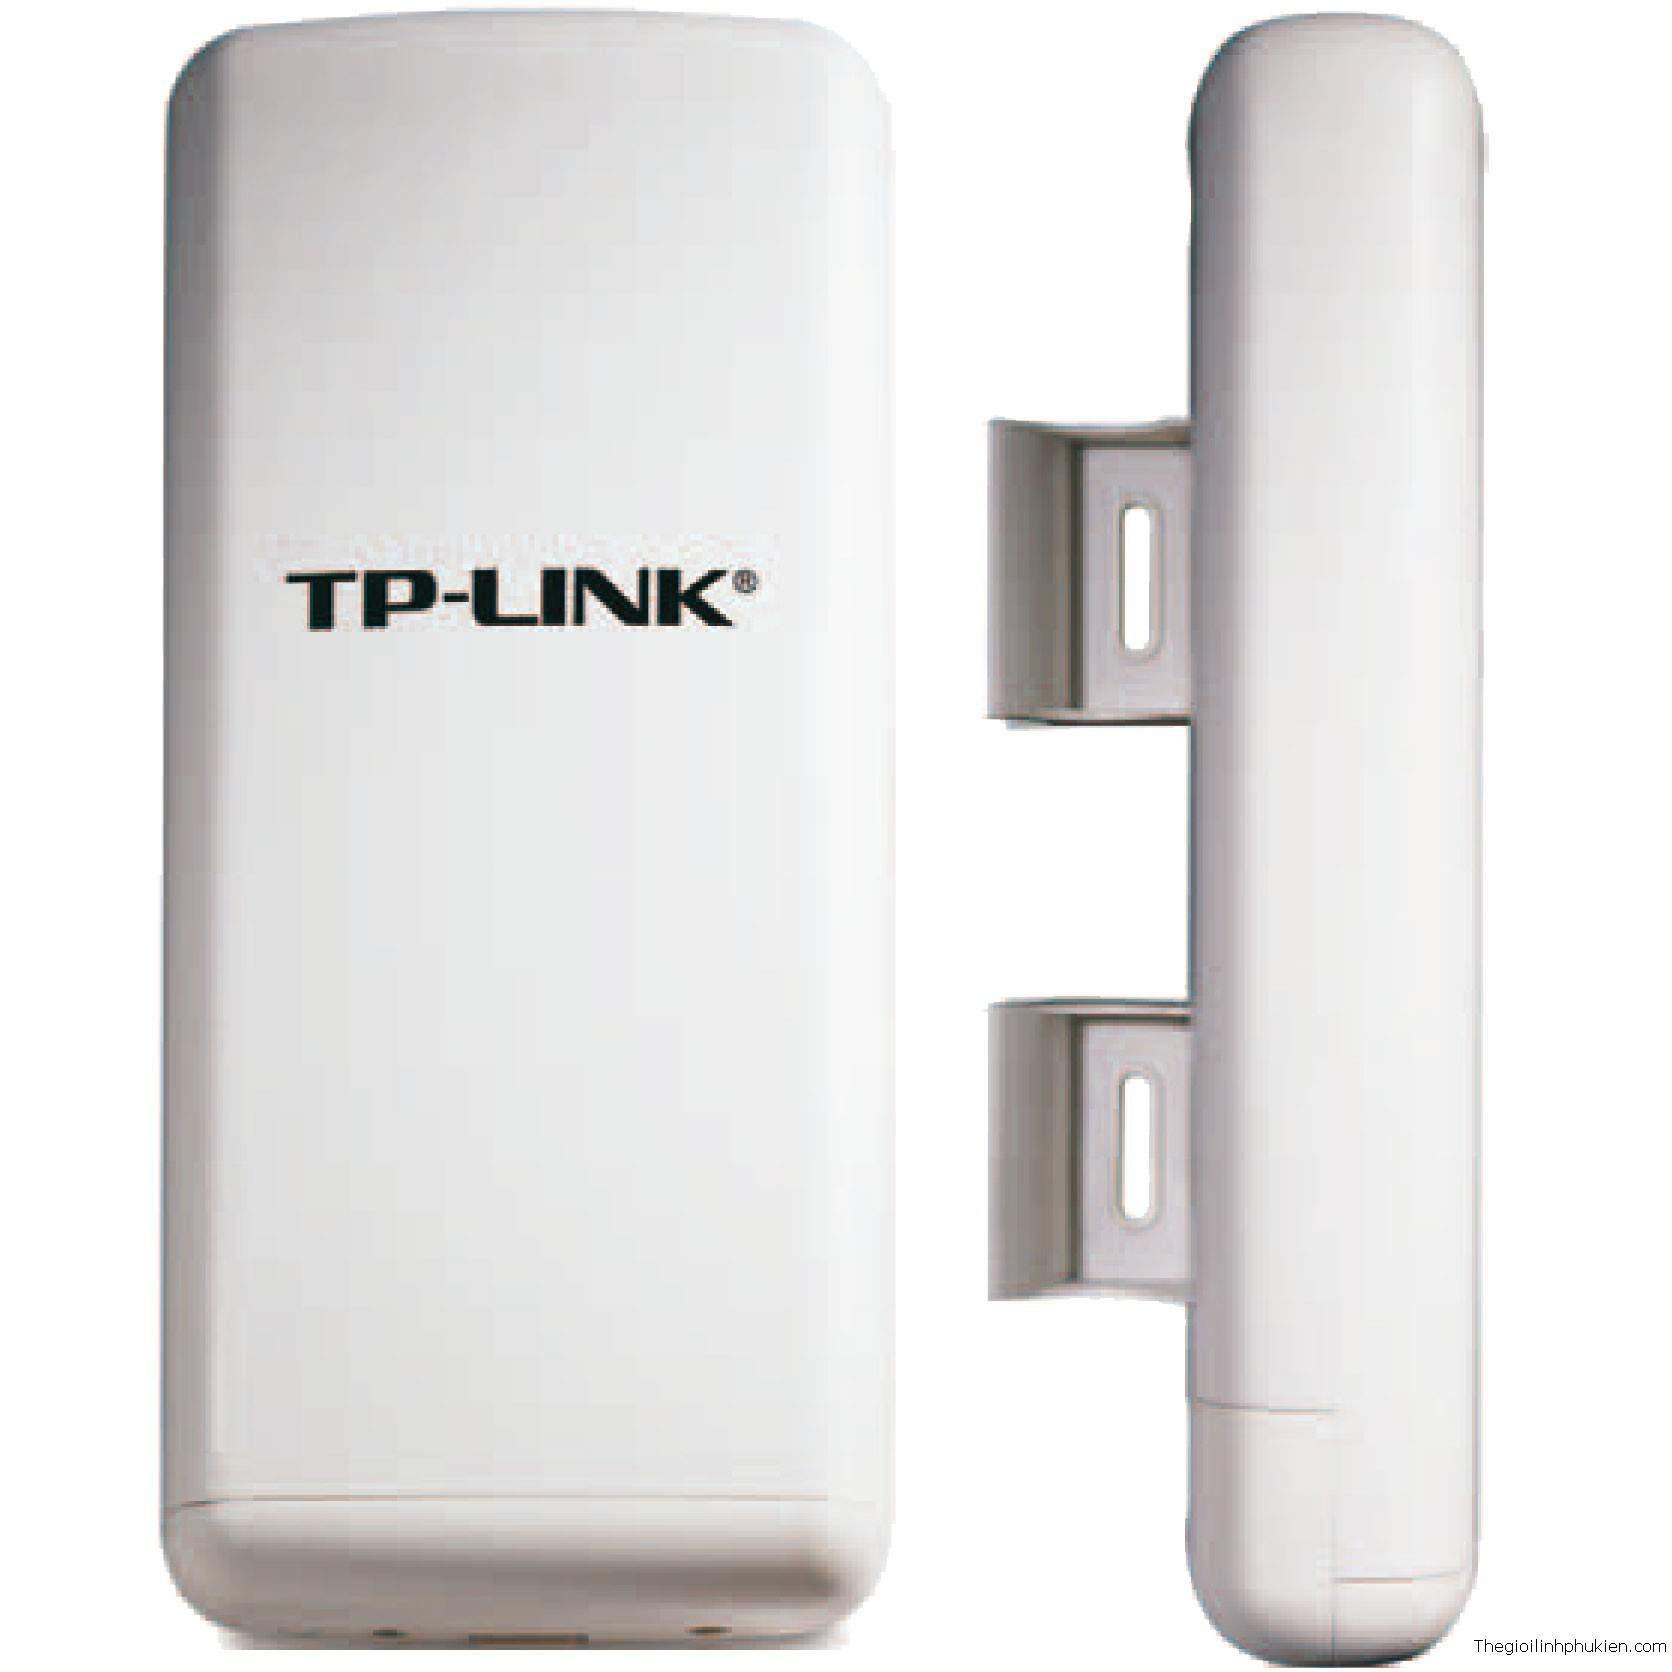 WIFI TP-LINK TL-WA5210G, Bộ phát wifi đa chức năng TL-WA5210G